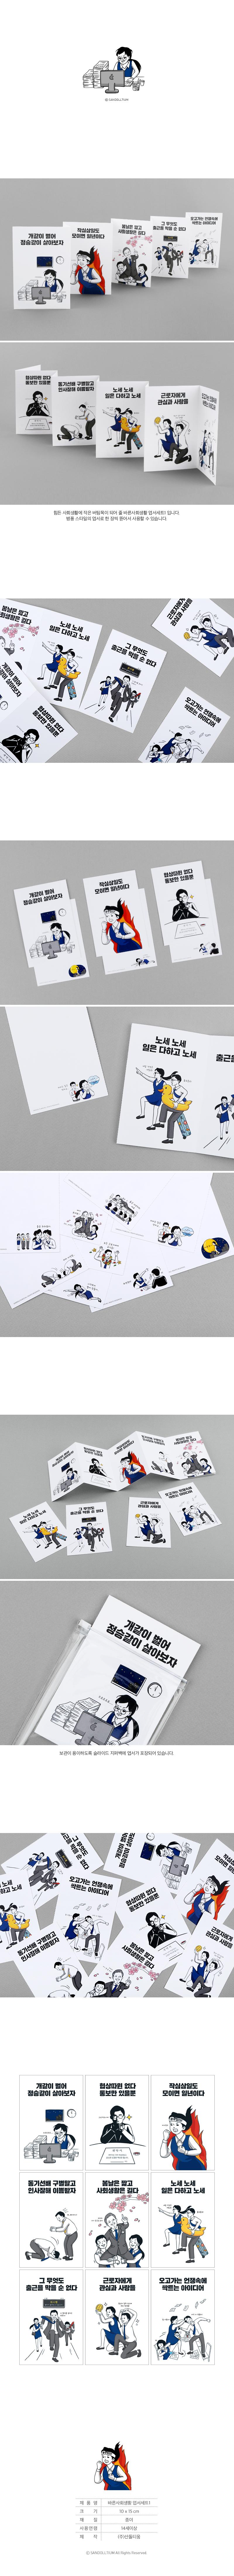 바른사회생활 엽서세트15,500원-티움디자인문구, 카드/편지/봉투, 엽서, 엽서세트바보사랑바른사회생활 엽서세트15,500원-티움디자인문구, 카드/편지/봉투, 엽서, 엽서세트바보사랑